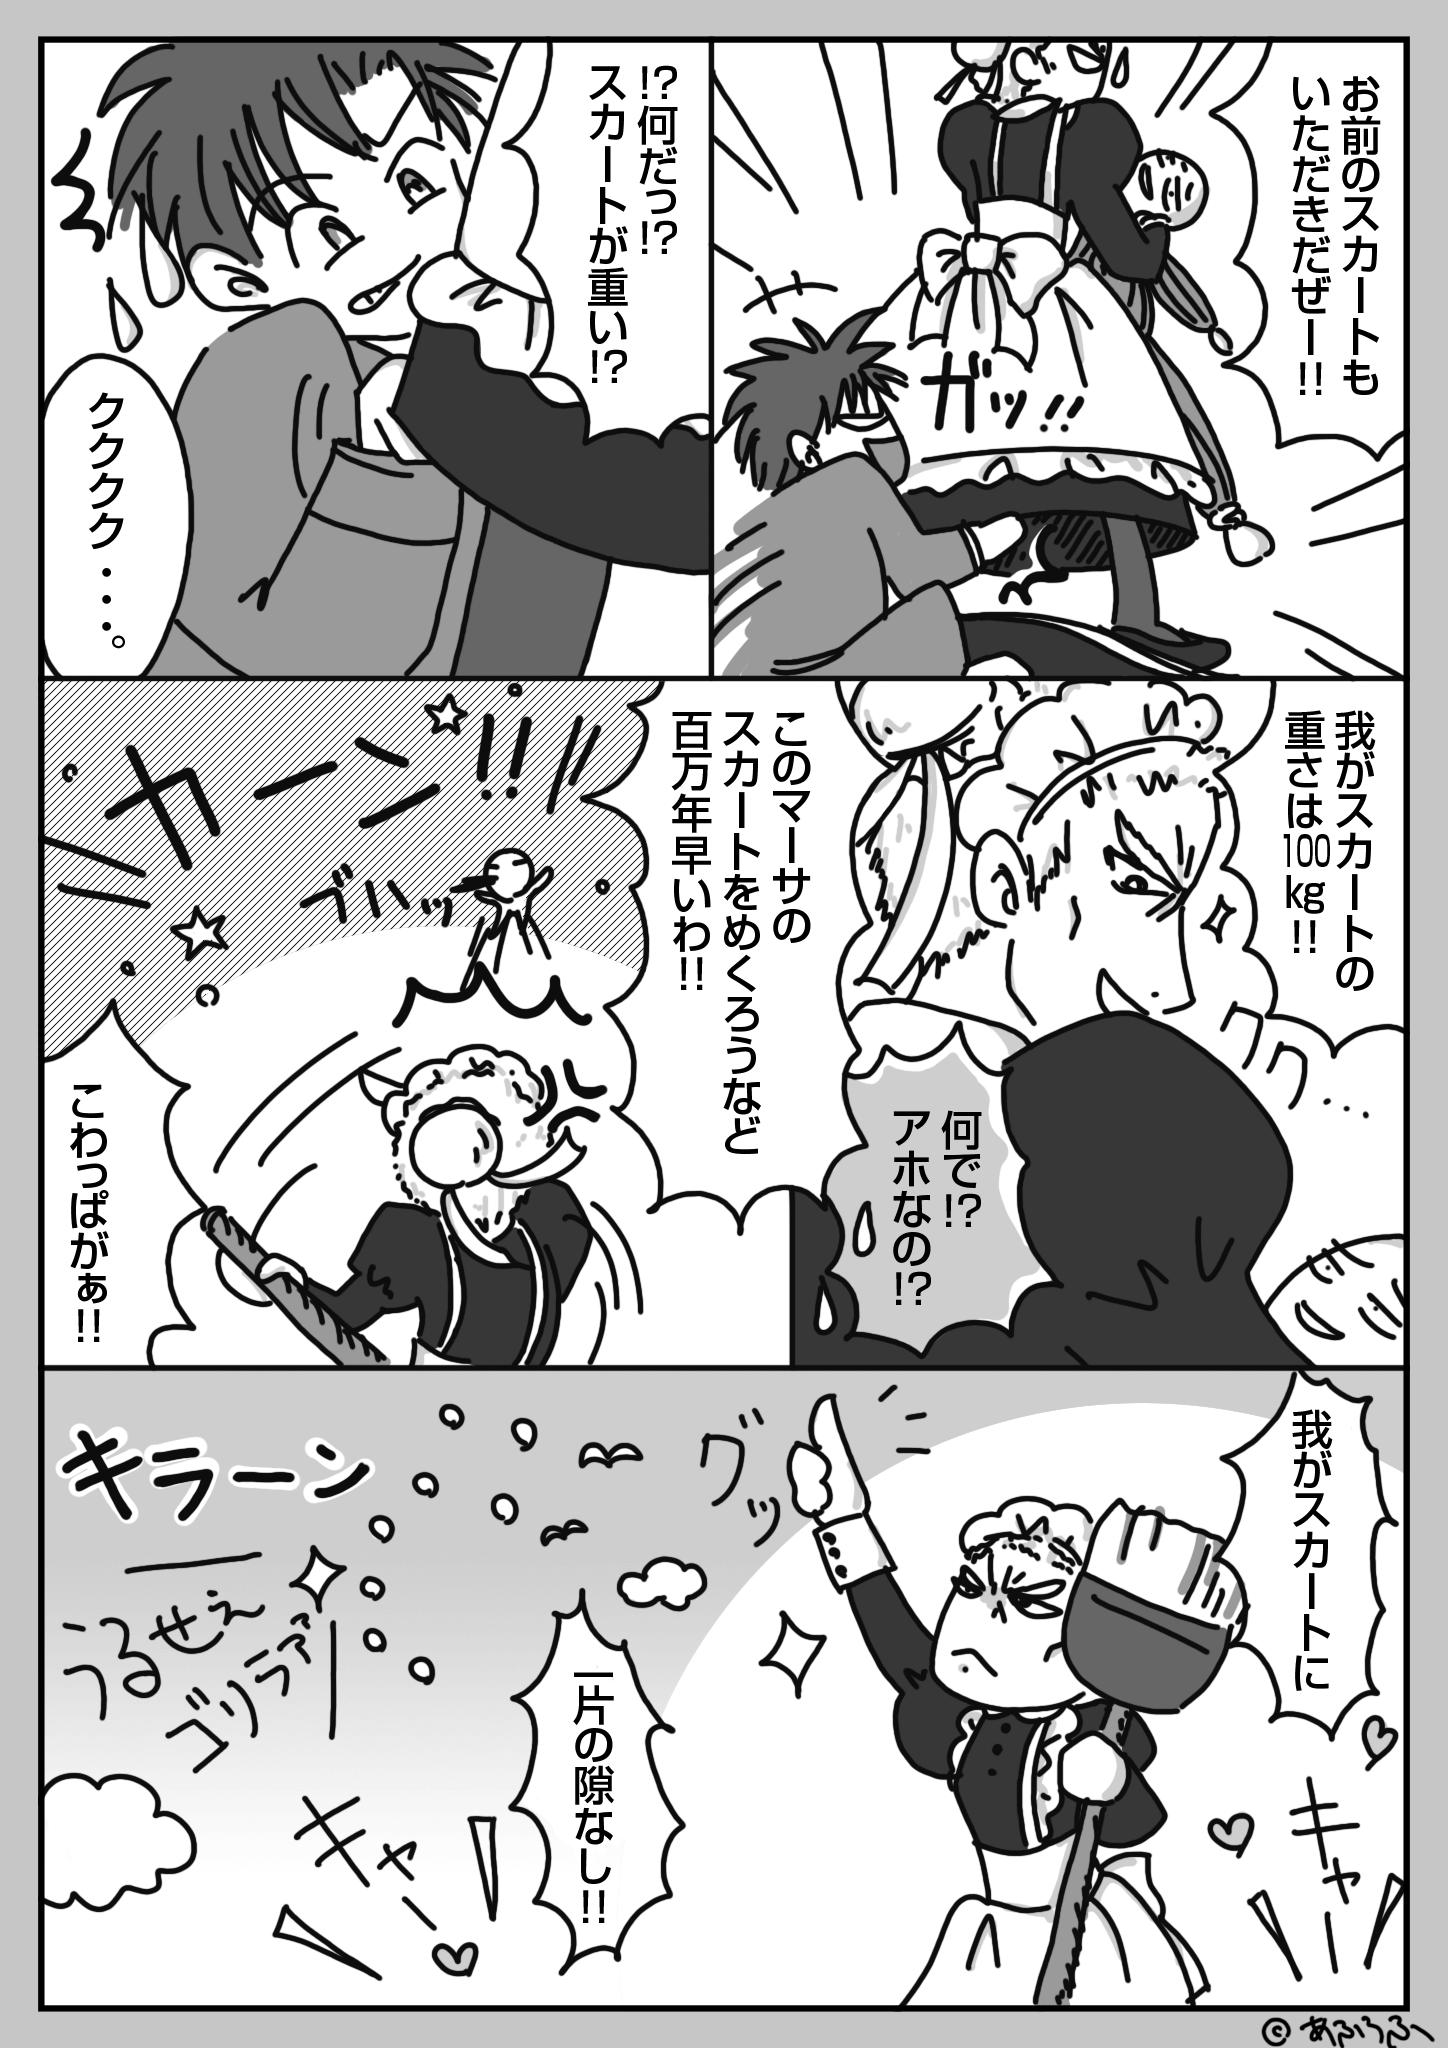 2話(3)『Say YES to new adventures! 〜追い出された勇者〜』